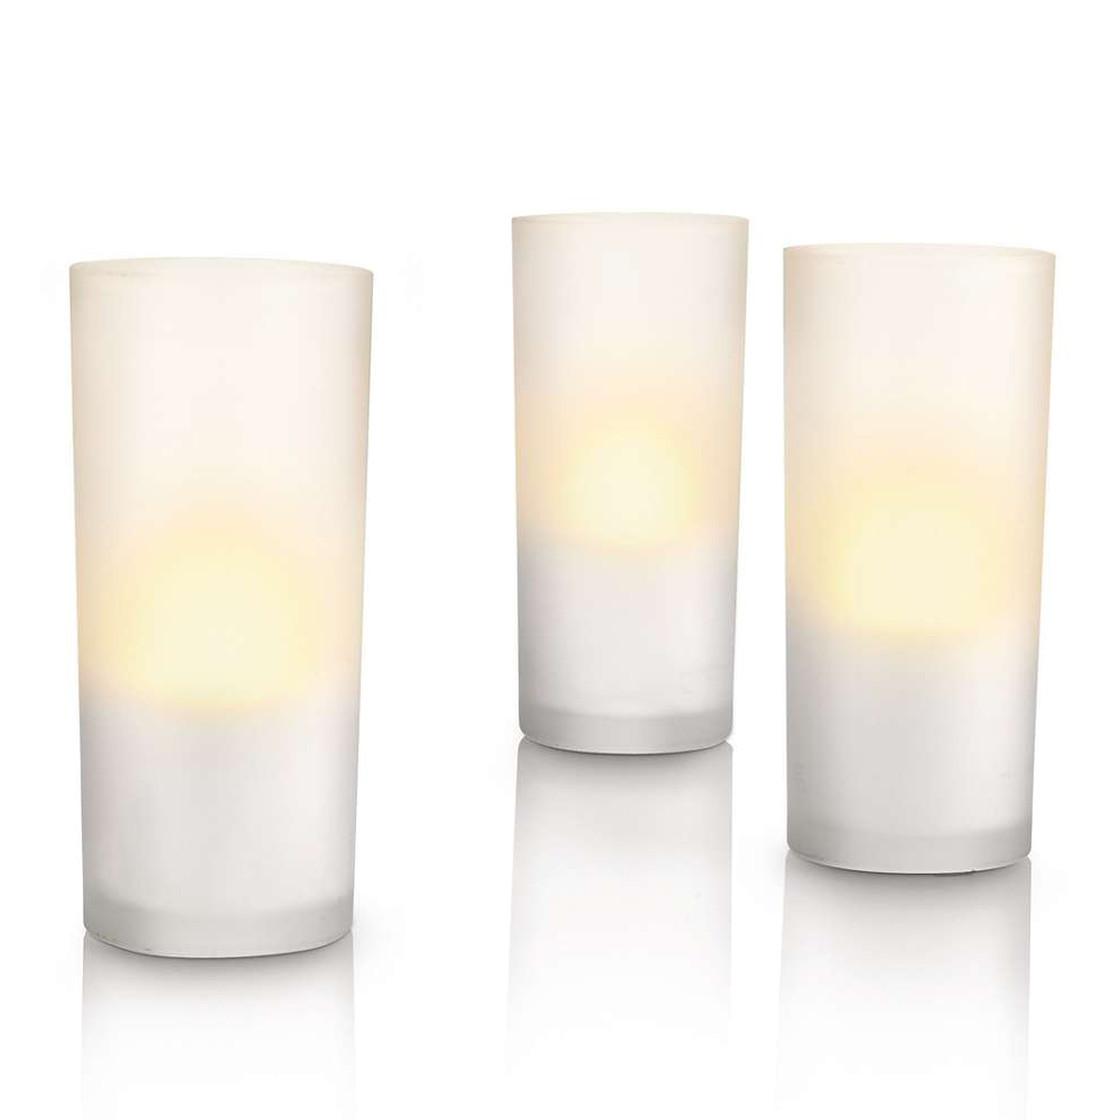 philips led kerzen 3er set glas 125 mm h he f r au. Black Bedroom Furniture Sets. Home Design Ideas